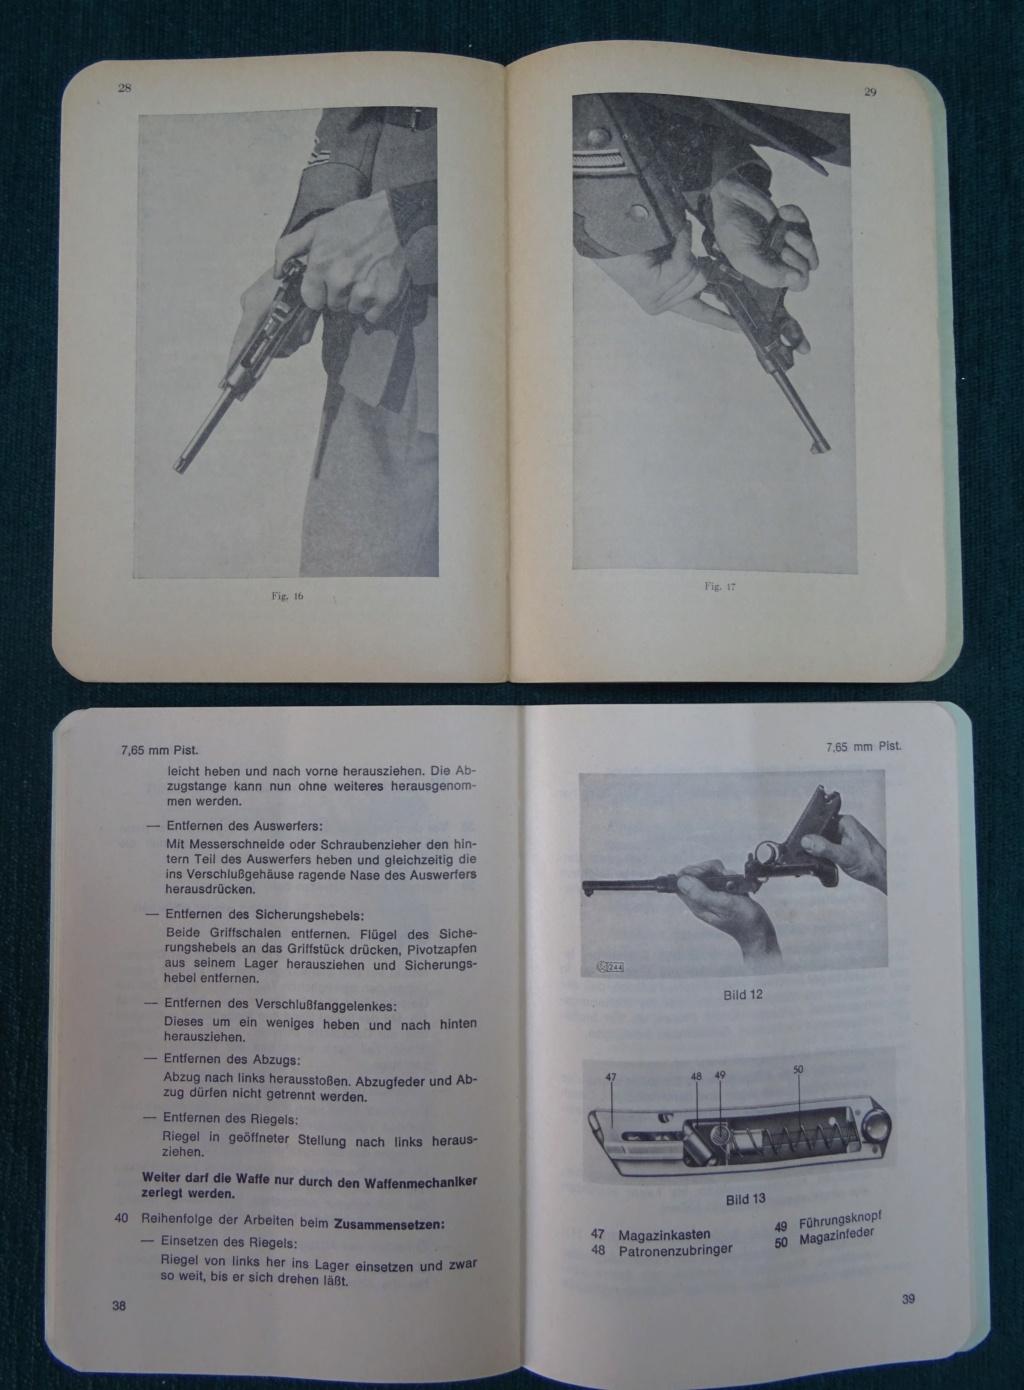 2 Notices P 49 - P 06/29 de 1962 et P 06/29 de 1939 Manuel11